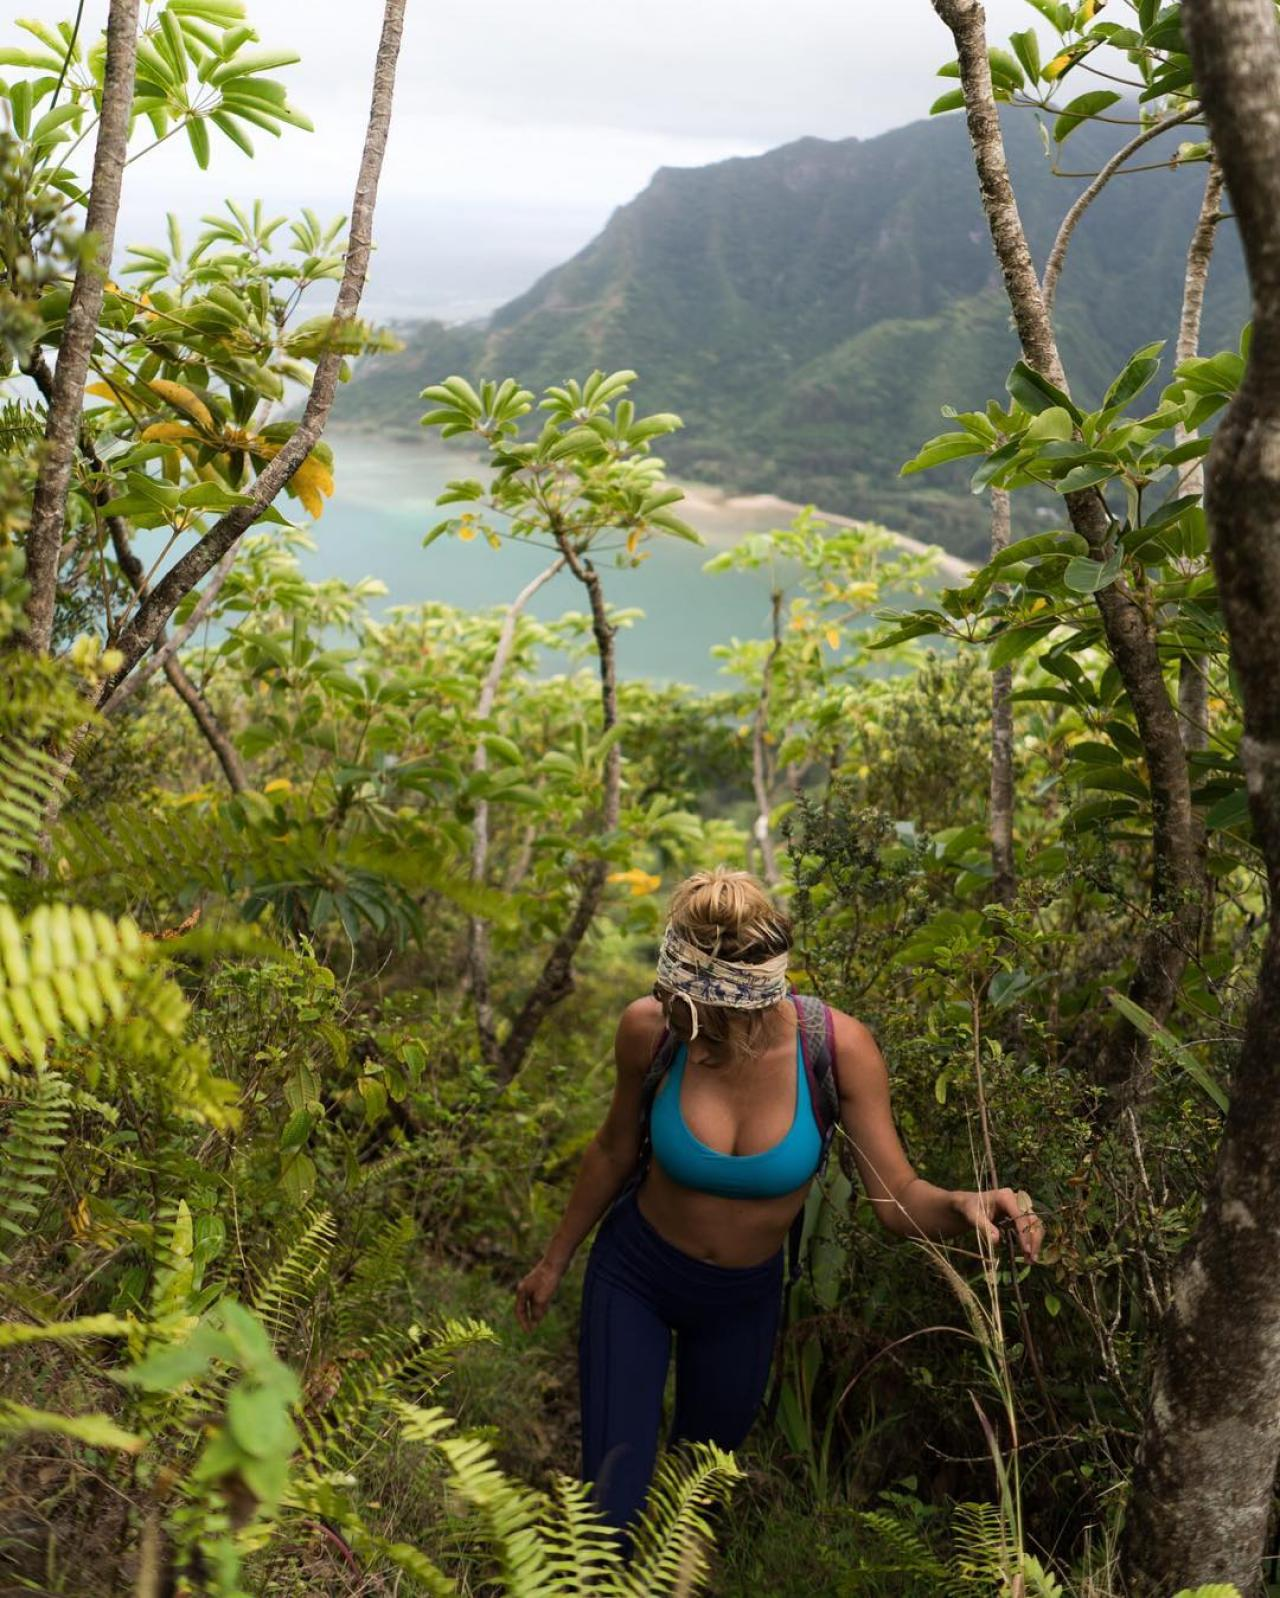 Сара Андервуд продолжает свое яркое путешествие